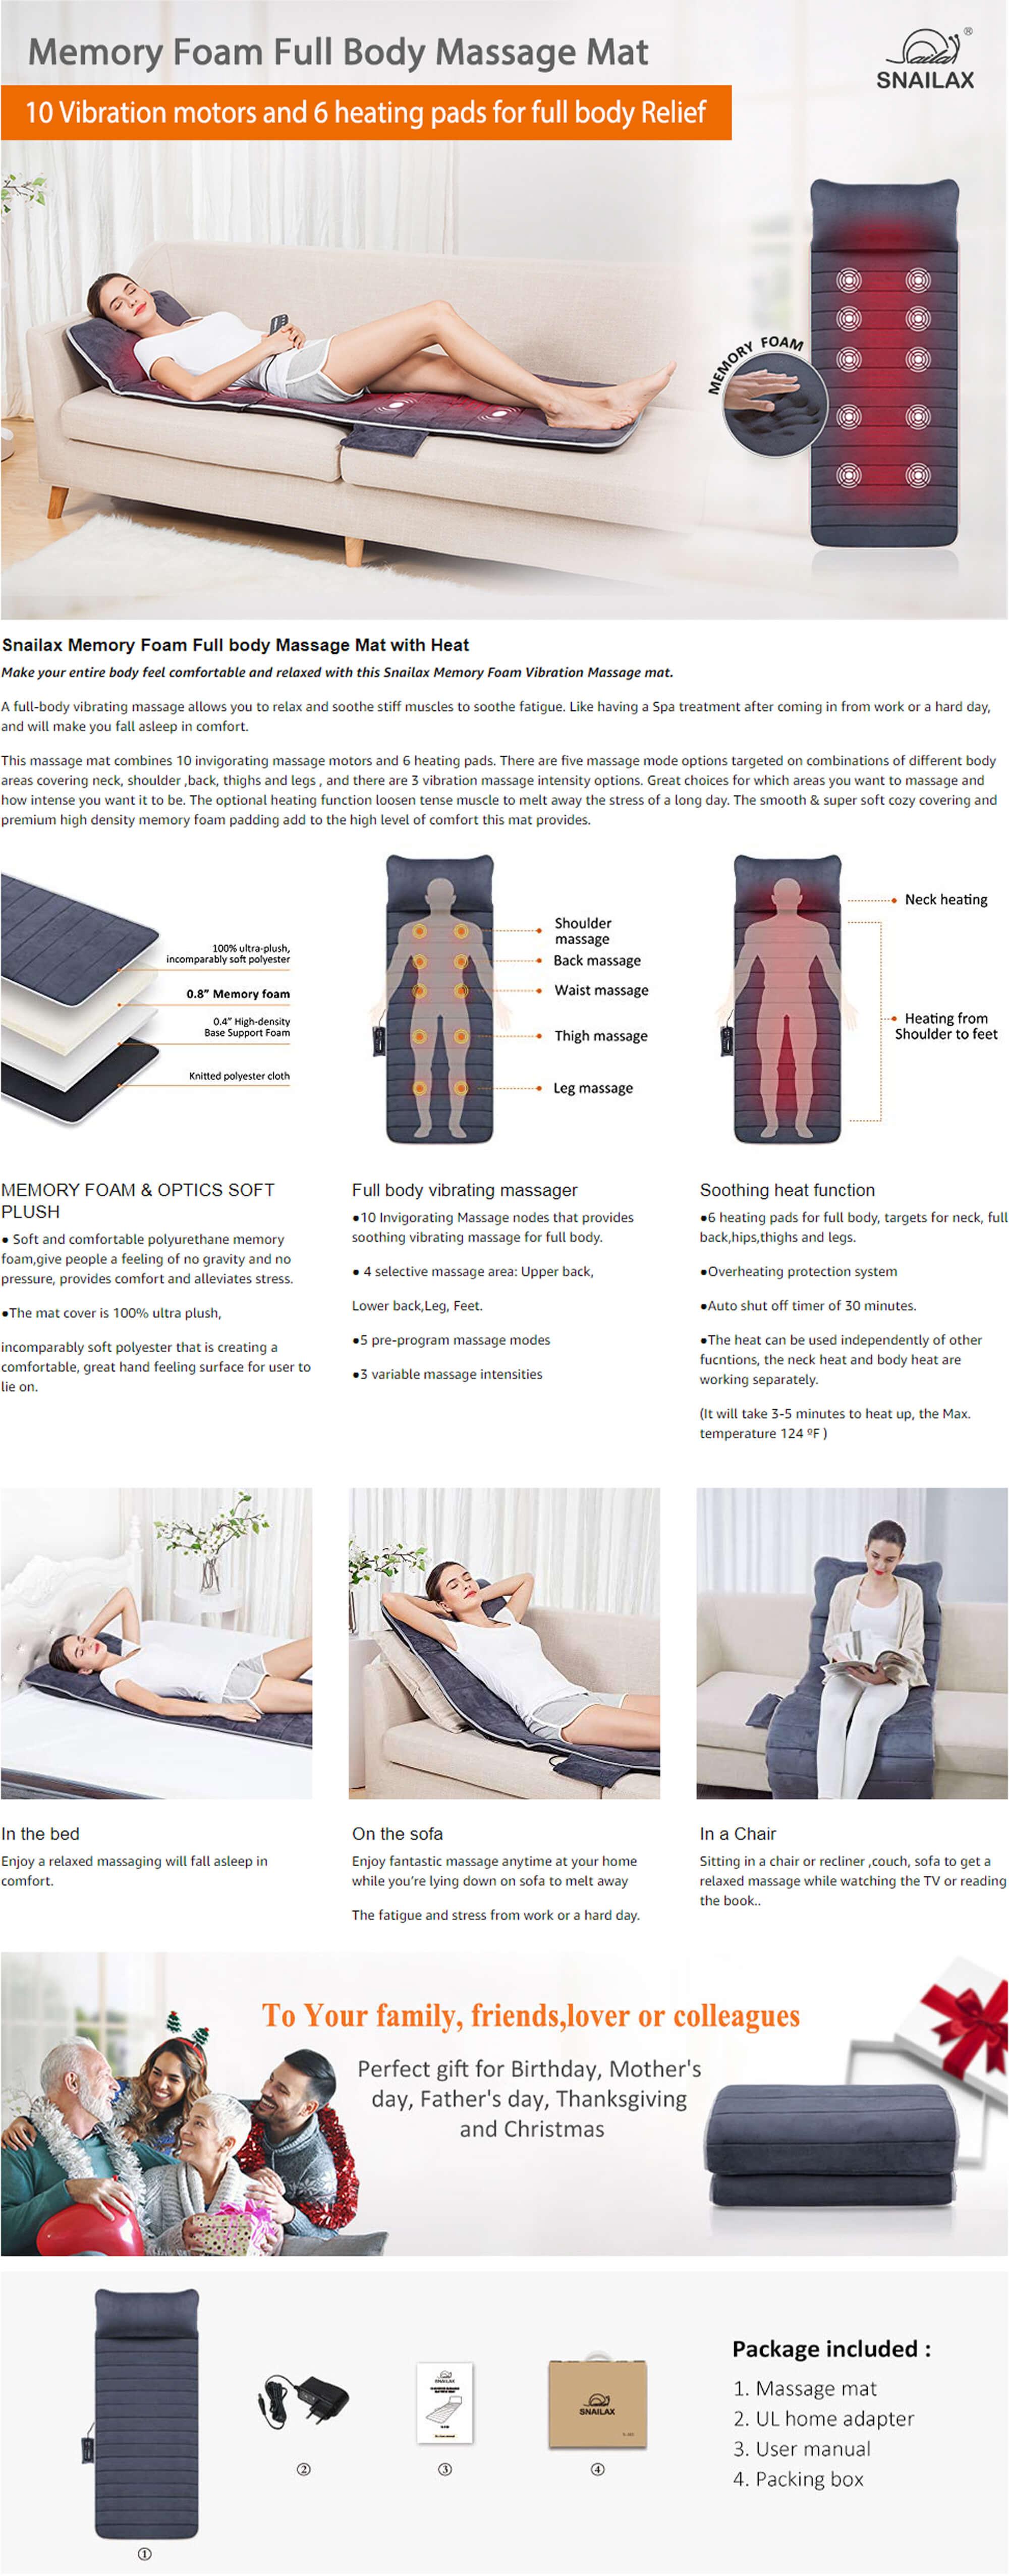 Snailax Memory Foam Full Body Vibration Massage Mat Features